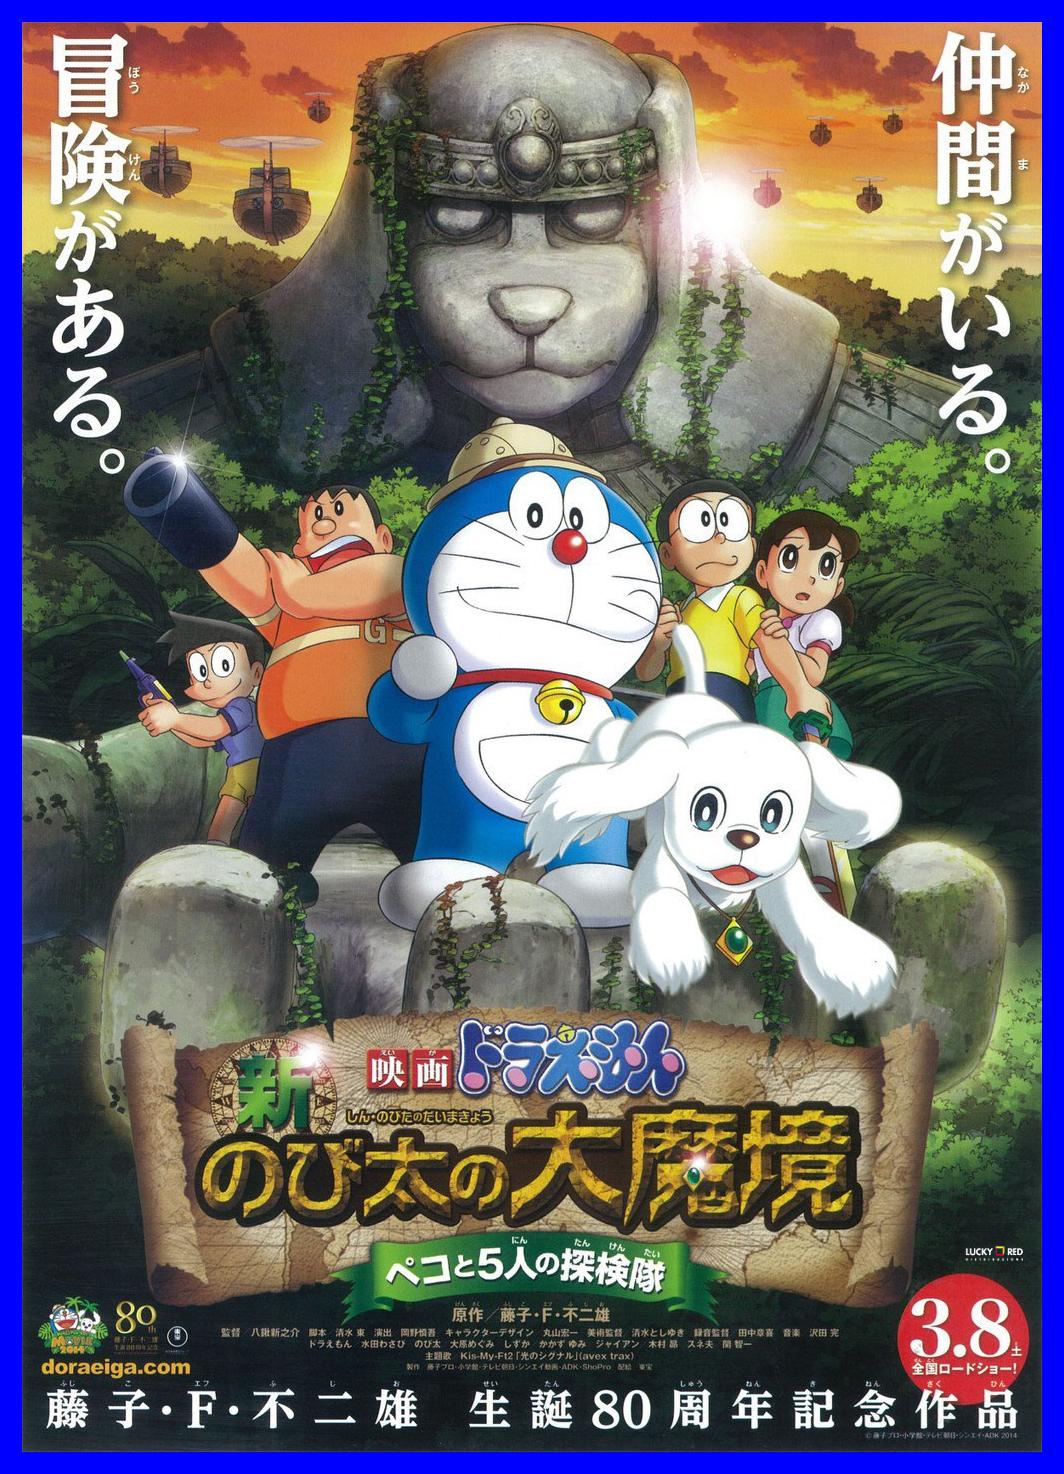 Lucky Red punta ancora forte su Doraemon * Dopo il successo cinematografico ottenuto con Doraemon: Il Film, arrivato nelle sale italiane il 6 Novembre 2014, come minimo sarebbe stato lecito attendersi una nuova mossa da parte di Lucky Red; mossa che, in seguito alla pubblicazione in home video del film in CGI, non è tardata ad arrivare. E così dopo Stand by Me Doraemon, il titolo originale del primo film in computer grafica dedicato a Doraemon [...]